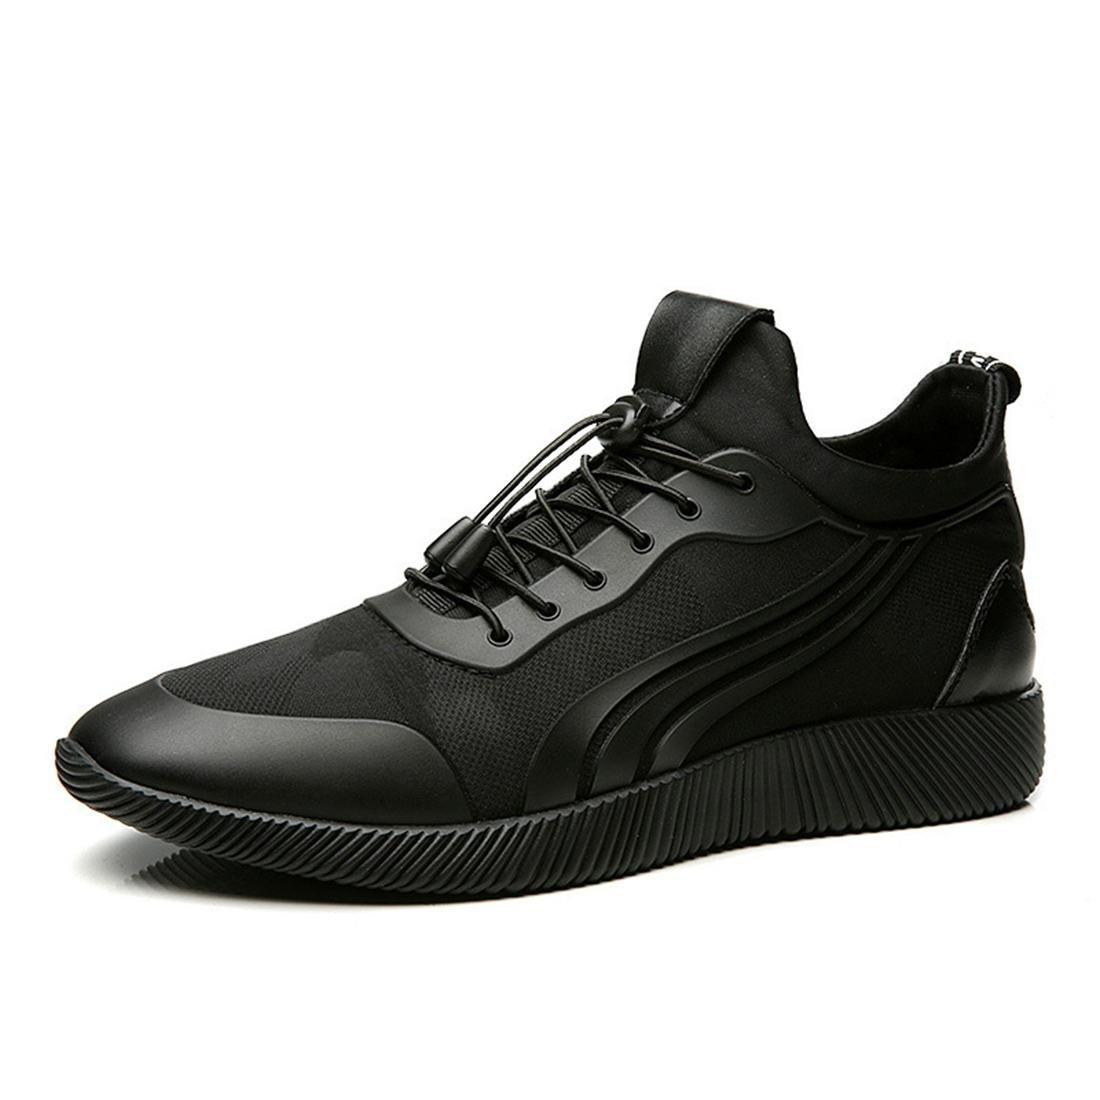 Herren Mode Laufschuhe Rutschfest Atmungsaktiv Sportschuhe Rutschfest Trainer Flache Schuhe EUR GRÖSSE 38-44